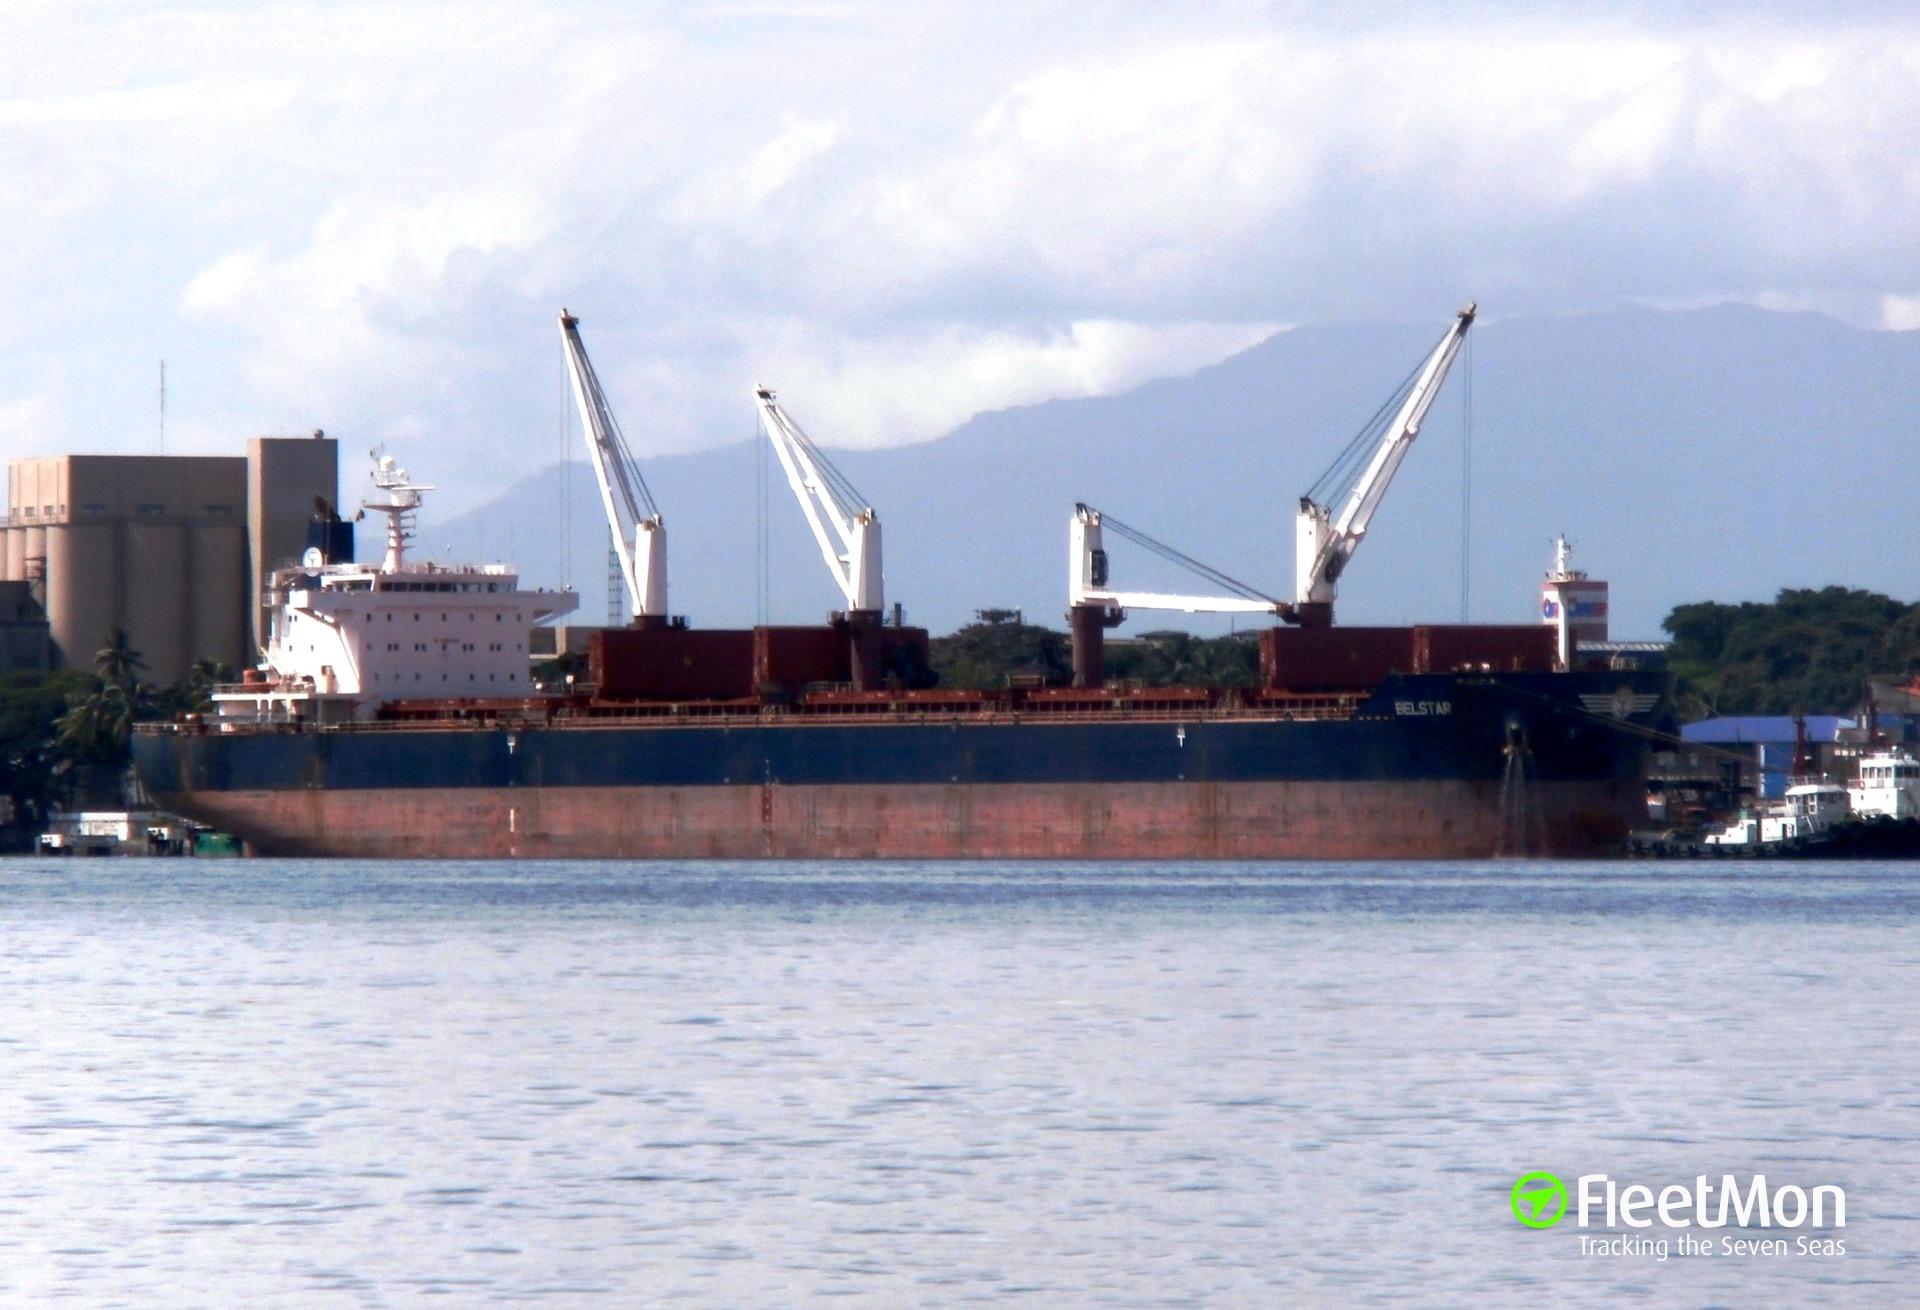 Bulk carrier BELSTAR interrupted voyage to medevac ill crew, North Pacific